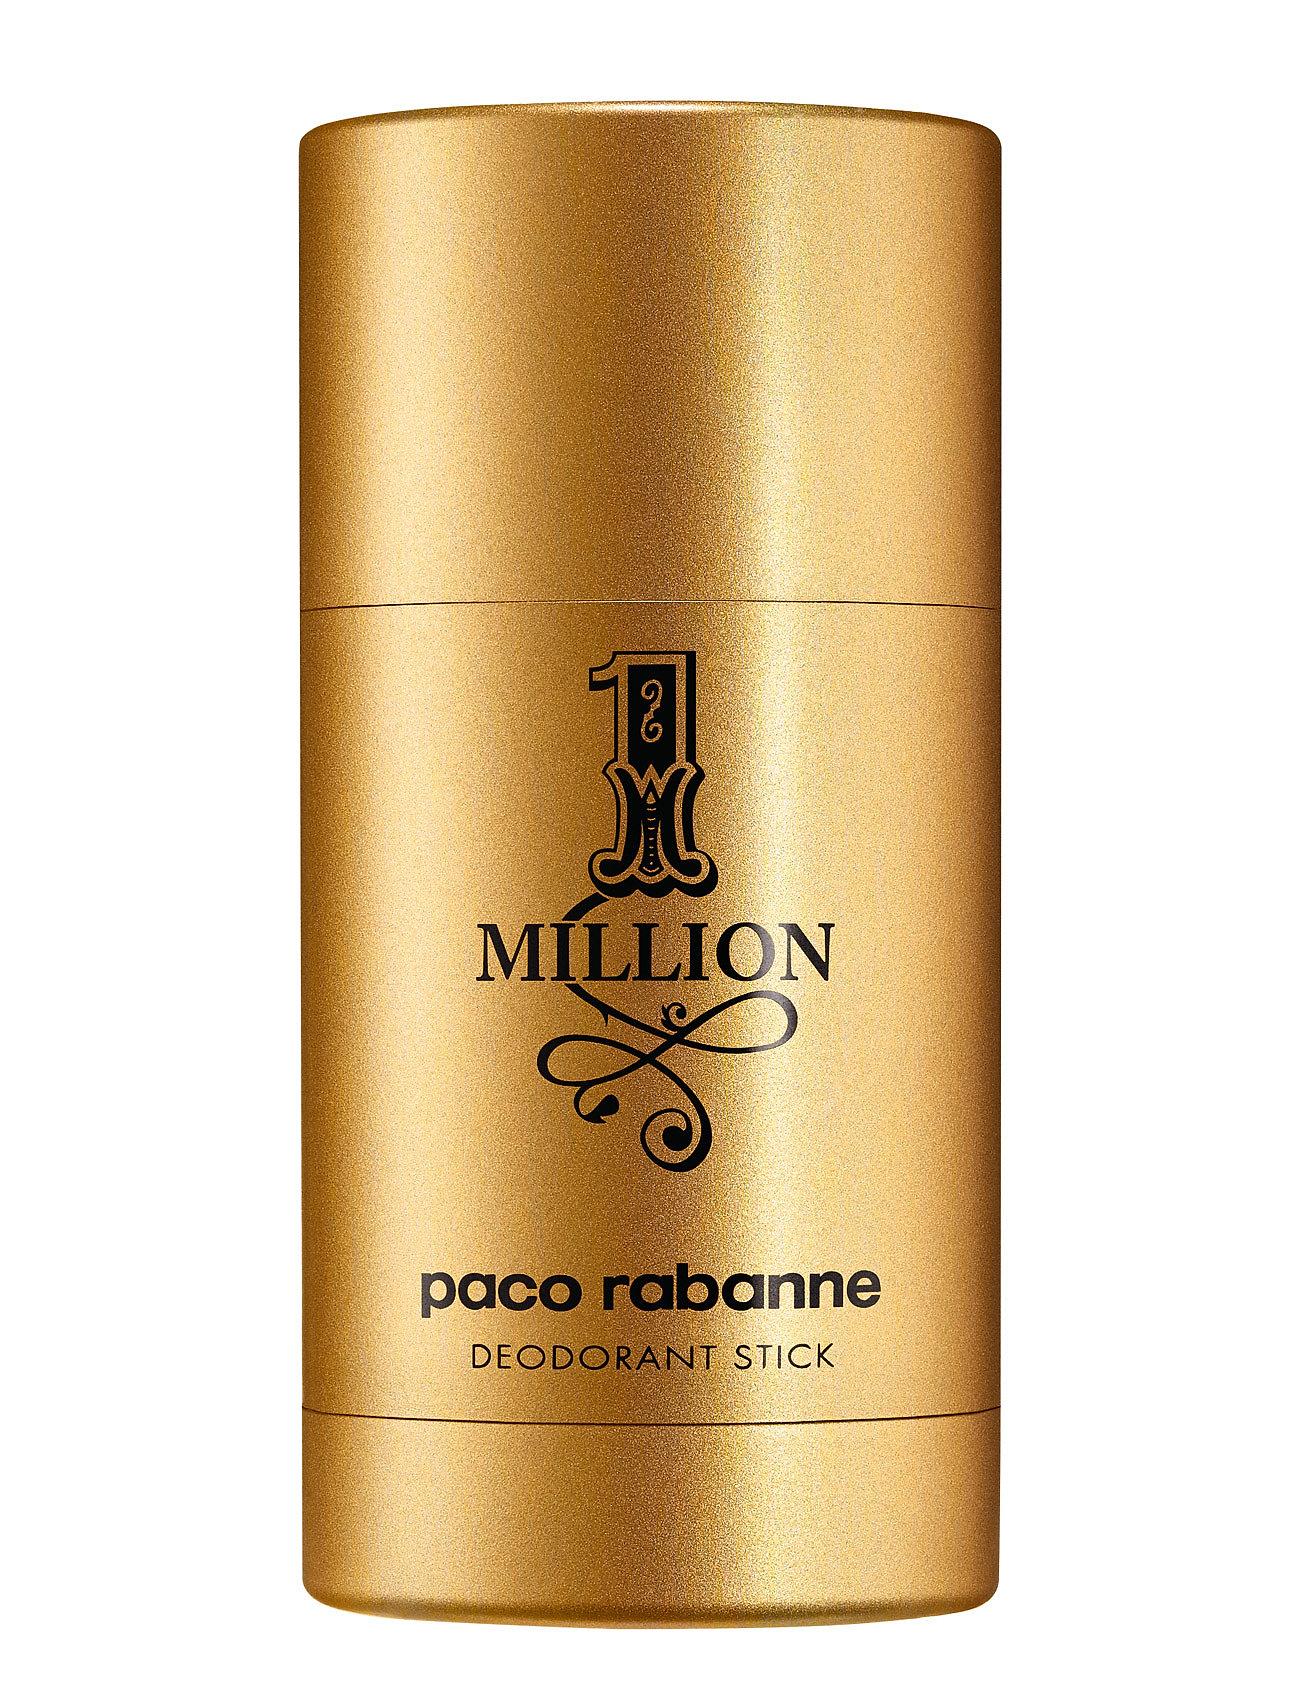 Paco Rabanne ONE MILLION DEODORANTSTICK